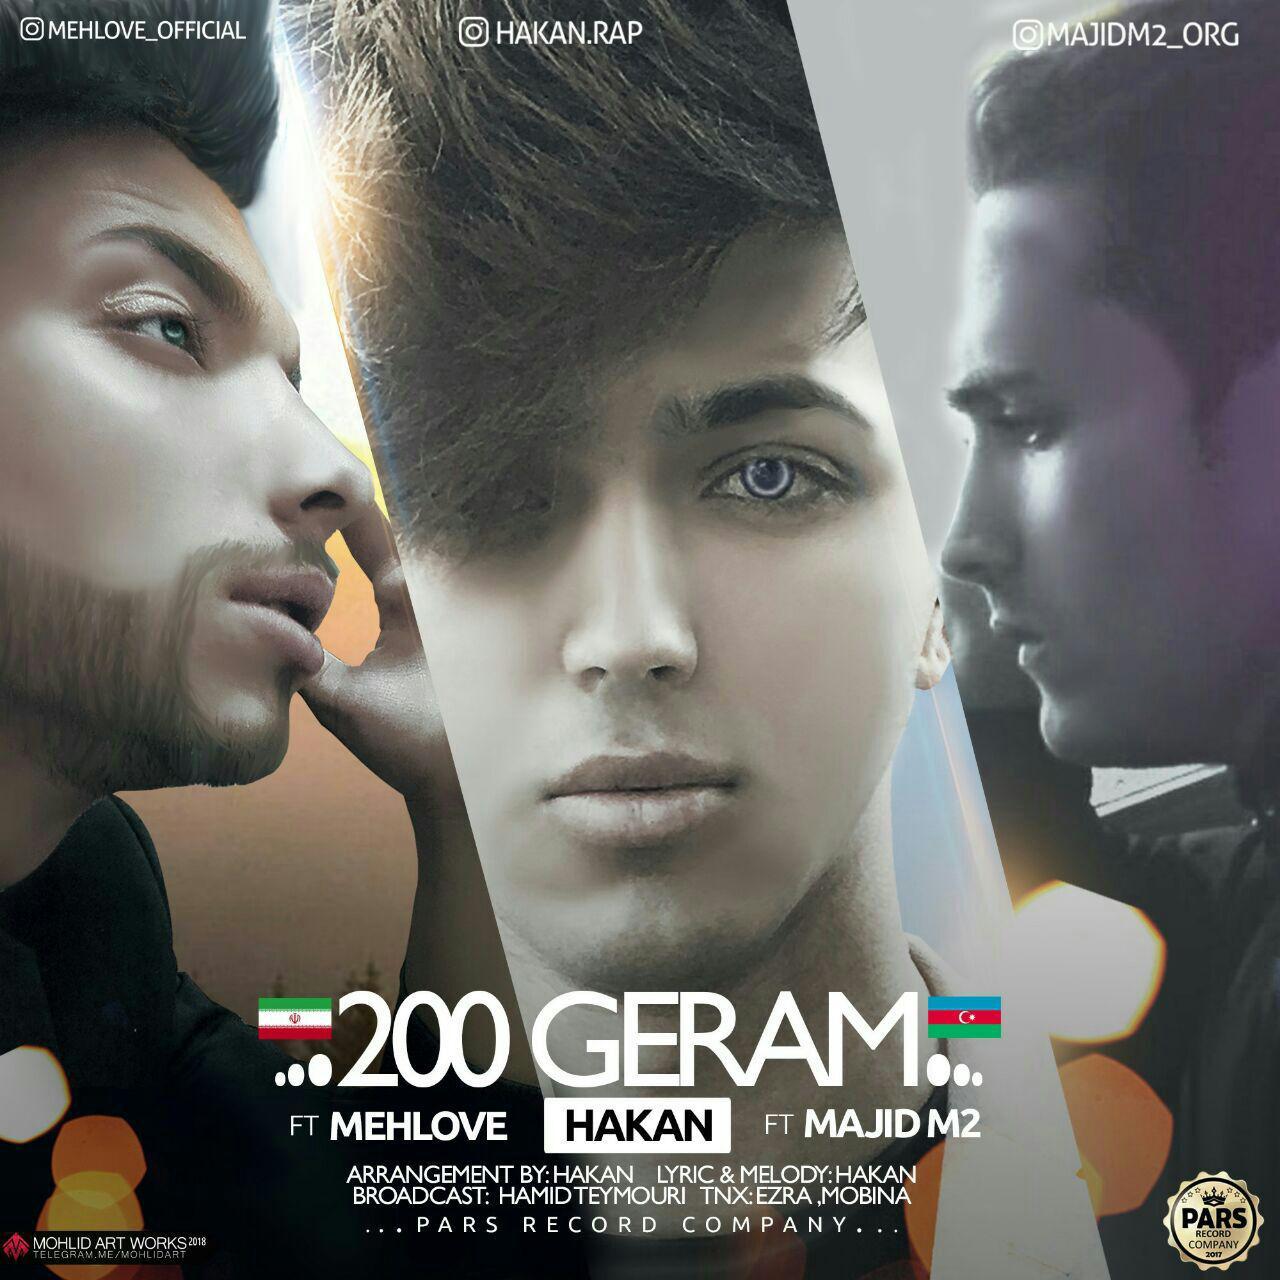 http://s9.picofile.com/file/8329254300/09Mehlove_Hakan_Ft_Majid_M2_200_Geram.jpg